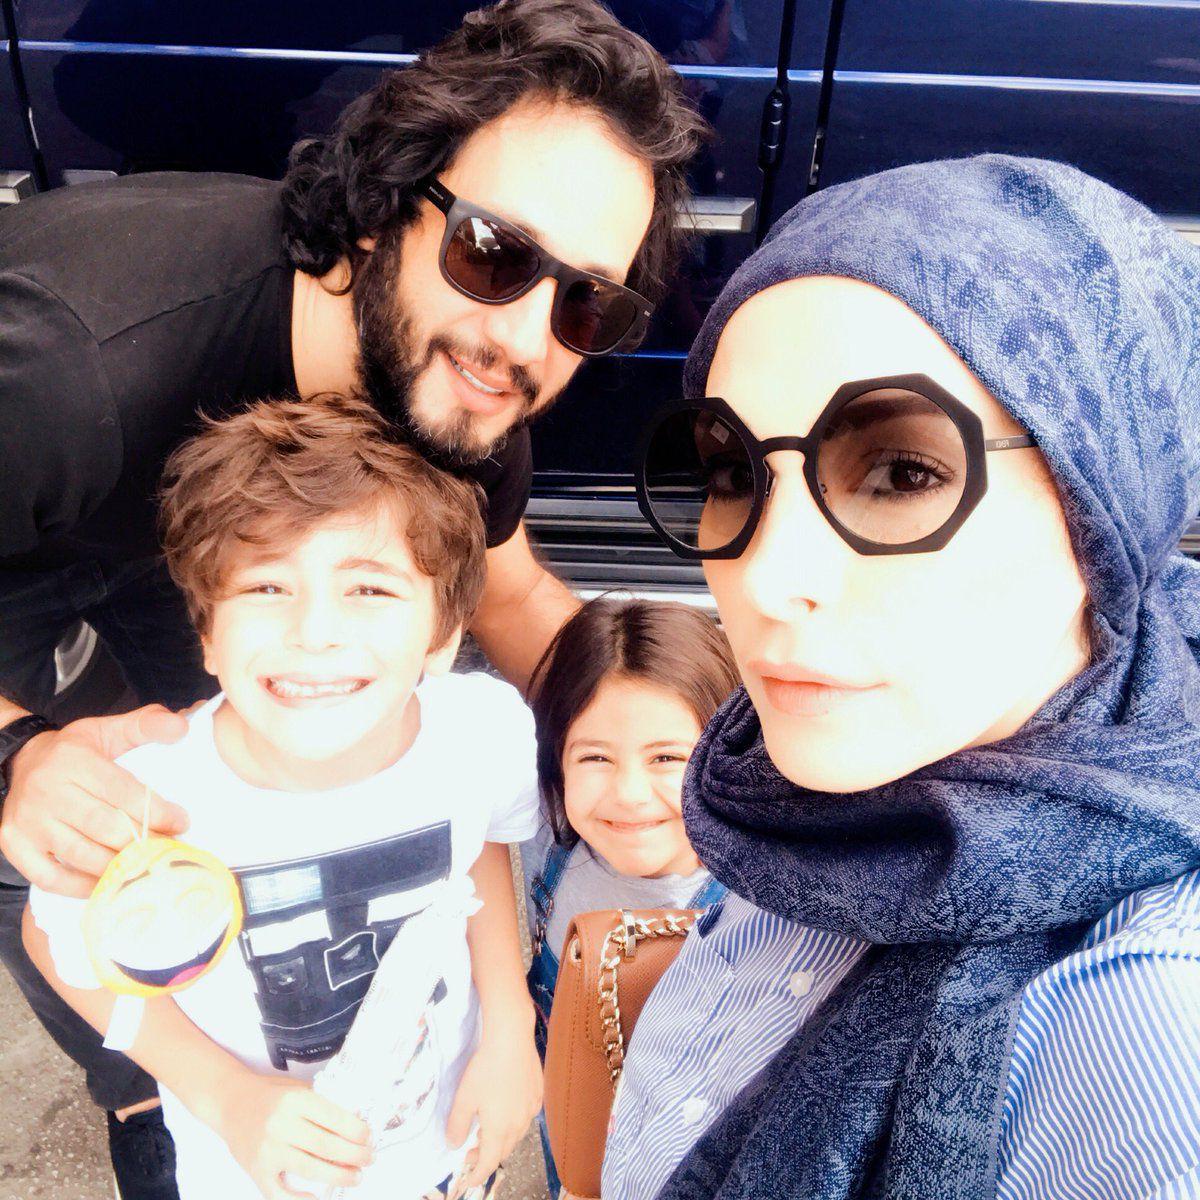 أمل حجازي بأحدث صورة مع زوجها محمد البسام وطفليهما كريم ولارين